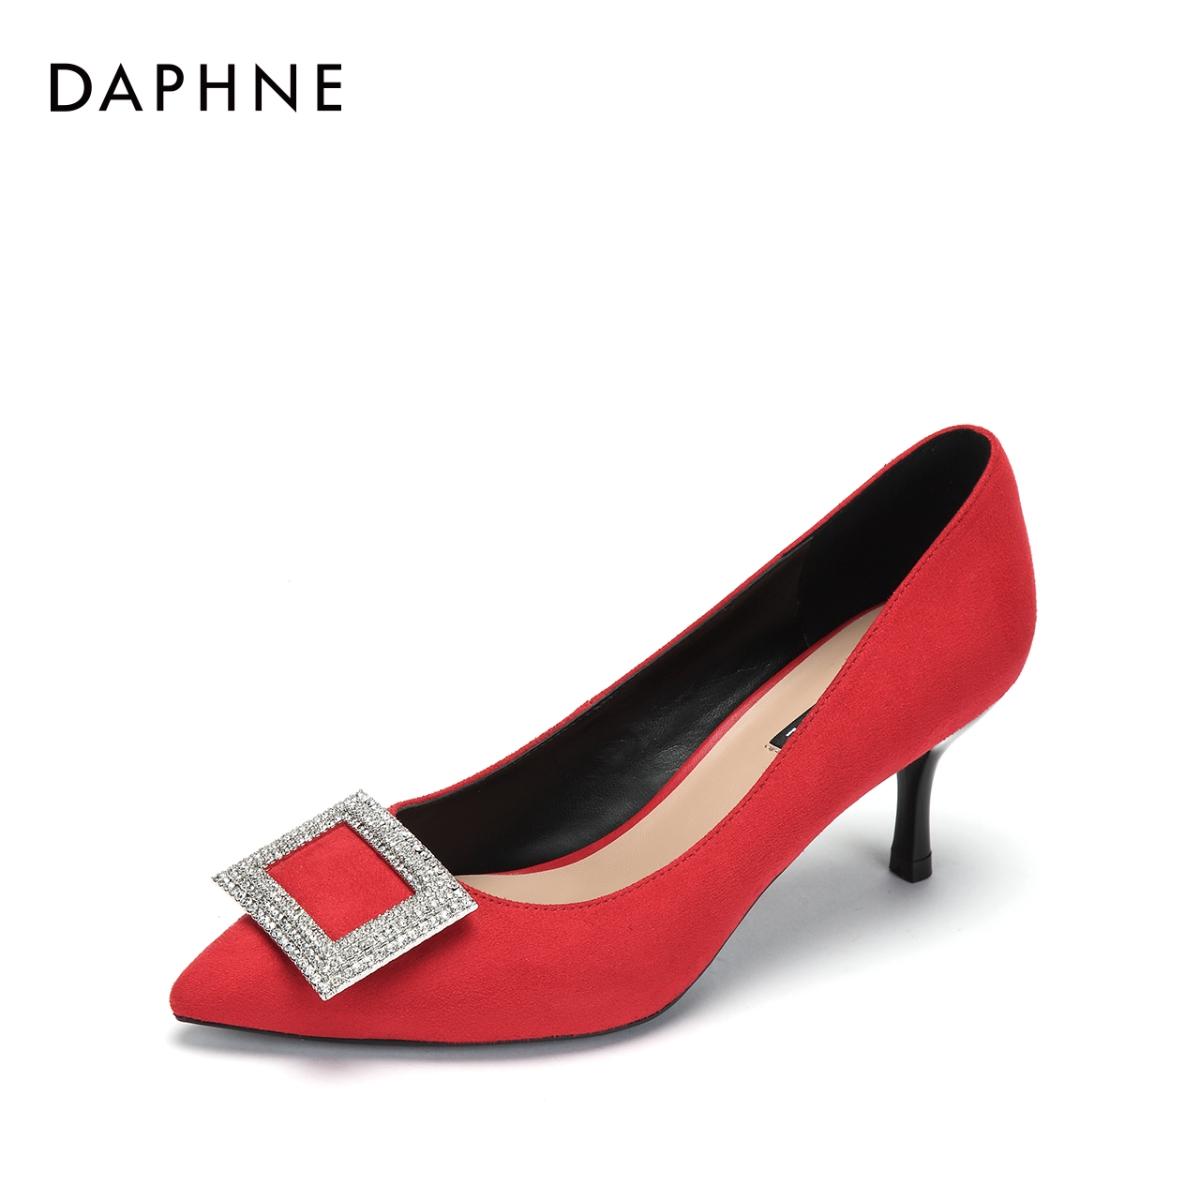 达芙妮单鞋 Daphne达芙妮新款尖头婚宴高跟鞋时尚方扣钻饰单鞋女1018404052_推荐淘宝好看的女达芙妮单鞋